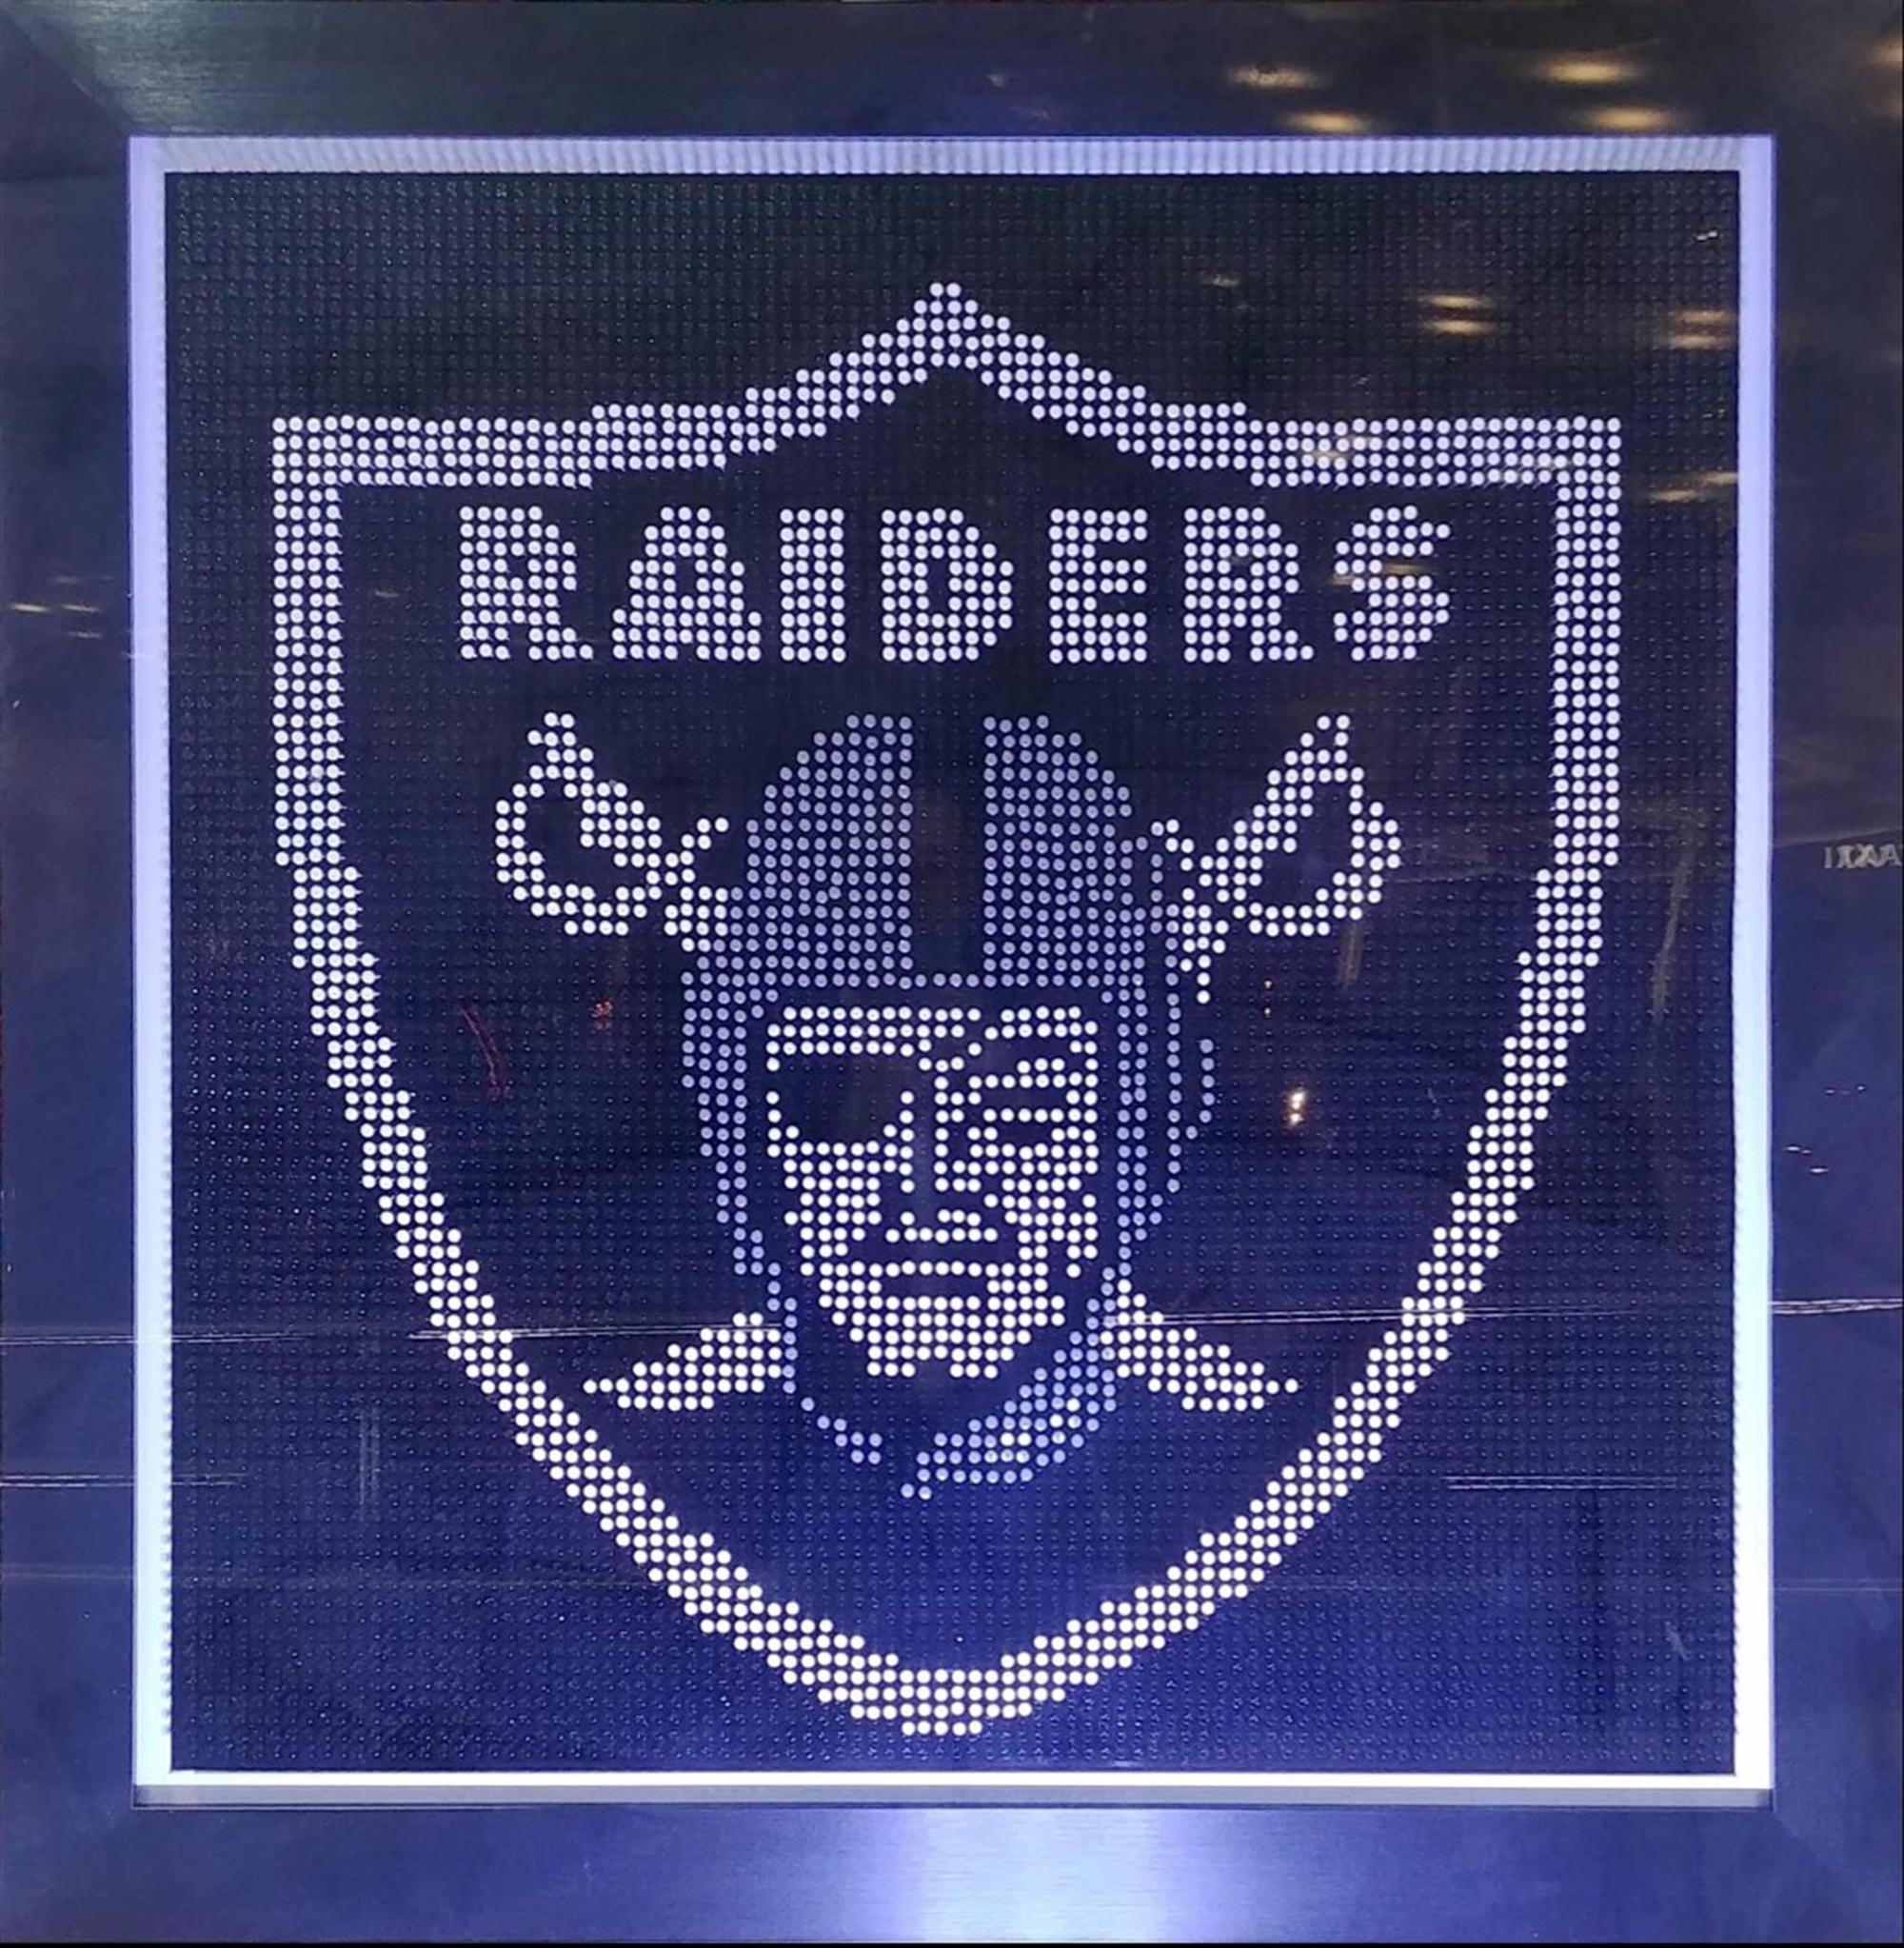 Las Vegas Raiders by Efi Mashiah